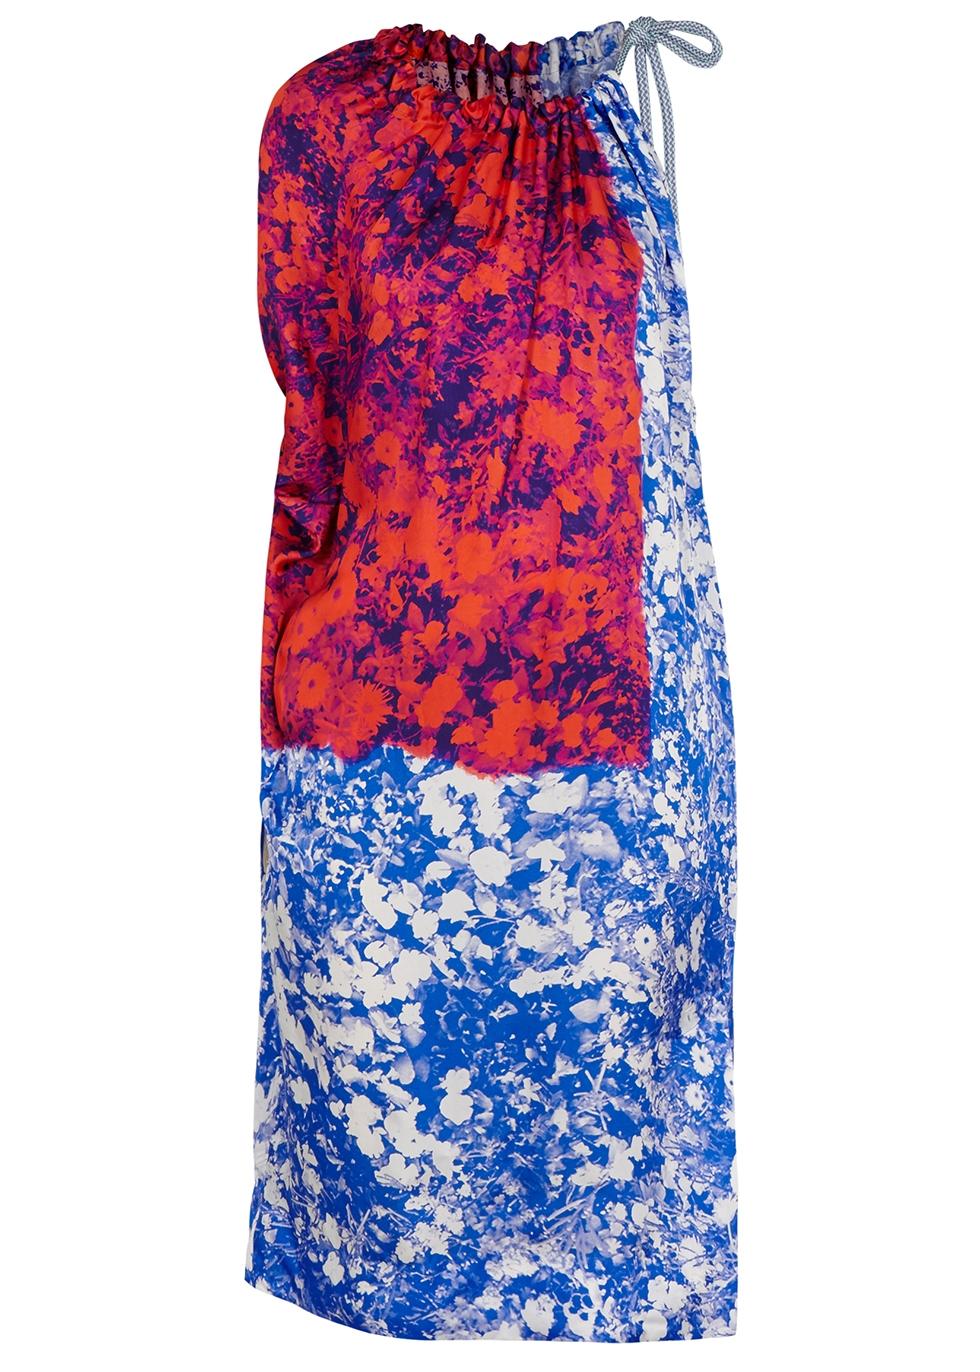 Dren printed satin twill midi dress - Dries Van Noten